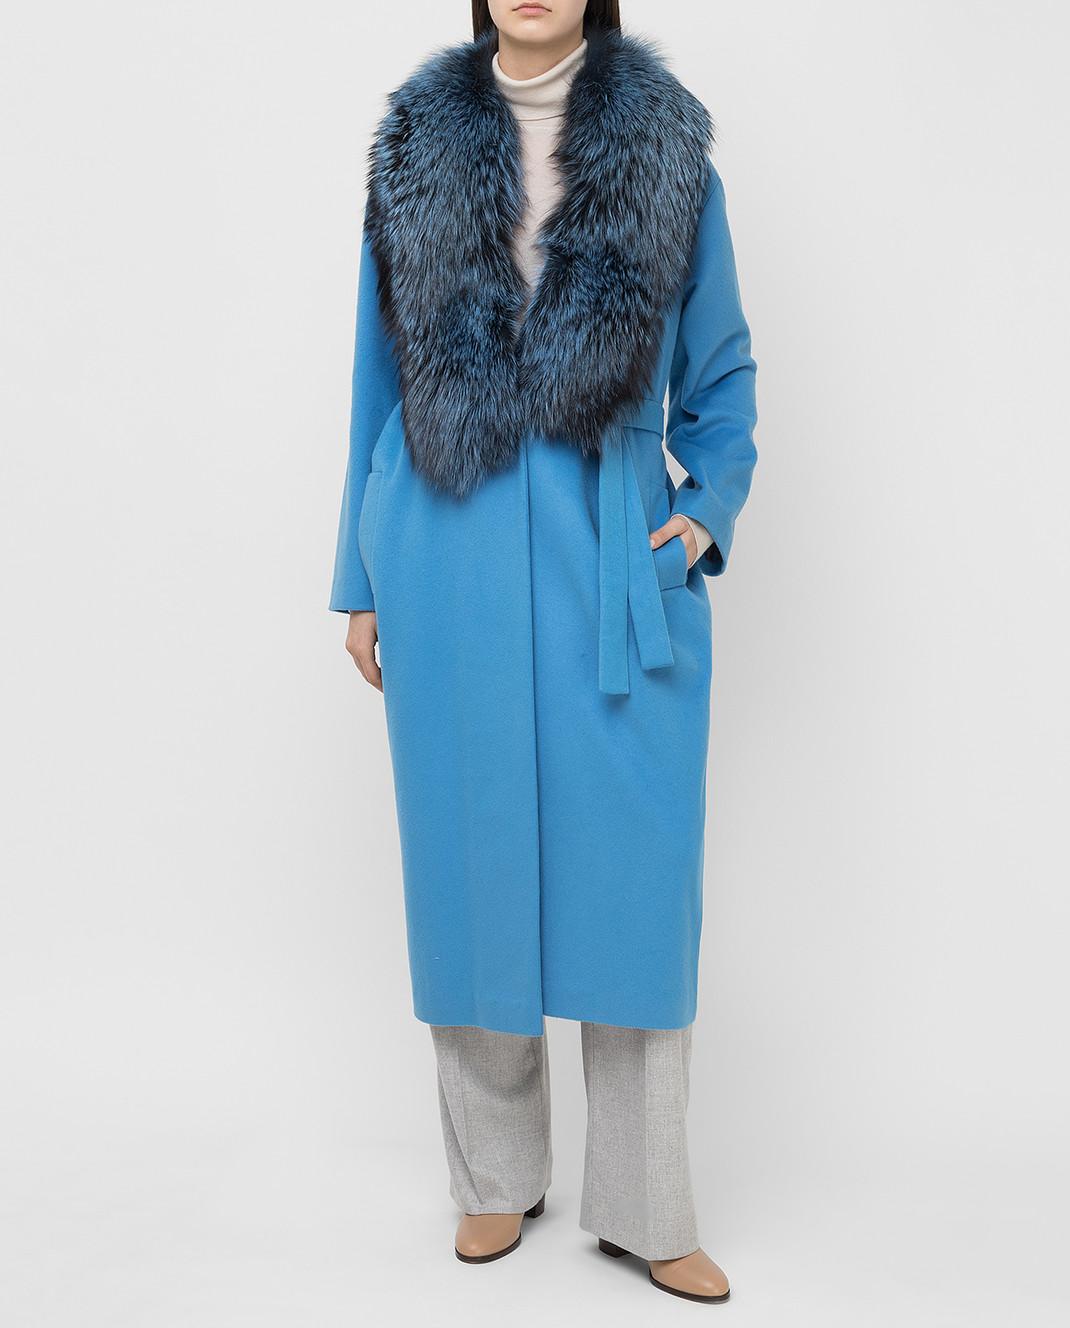 Via Cappella Голубое пальто из кашемира с мехом лисы C171418CASHMIR изображение 2